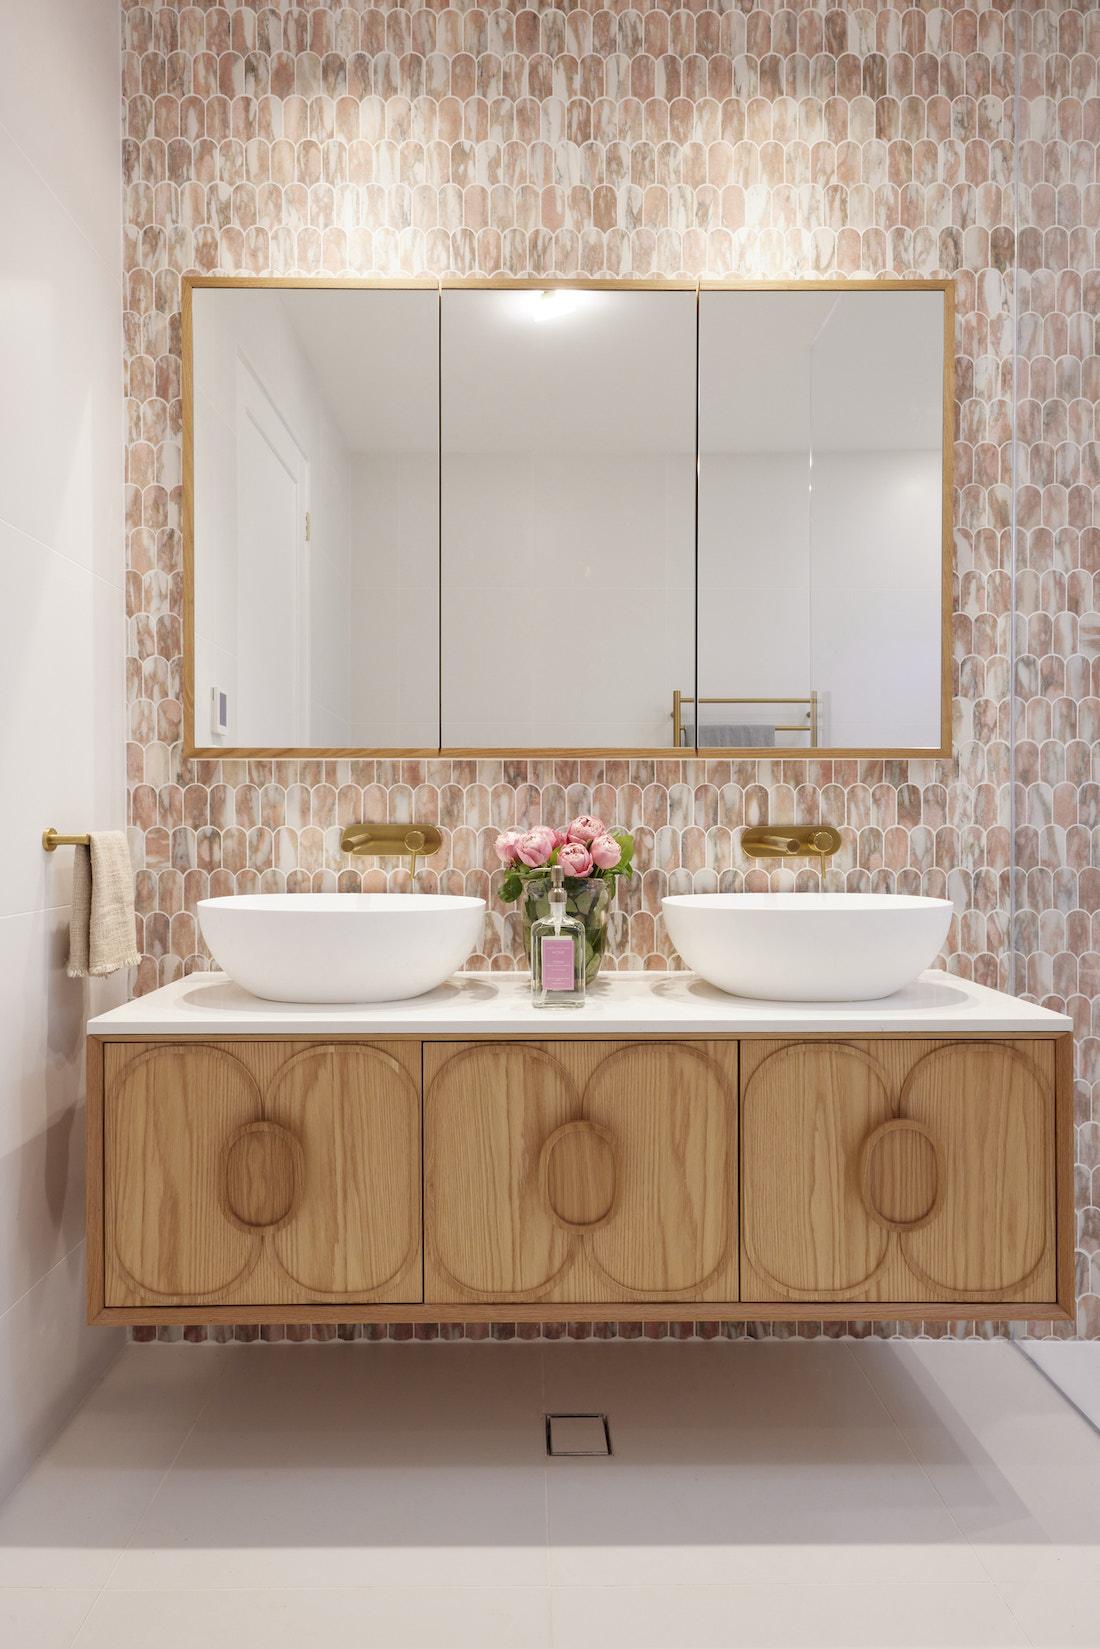 Floating timber vanity in pink tiled bathroom